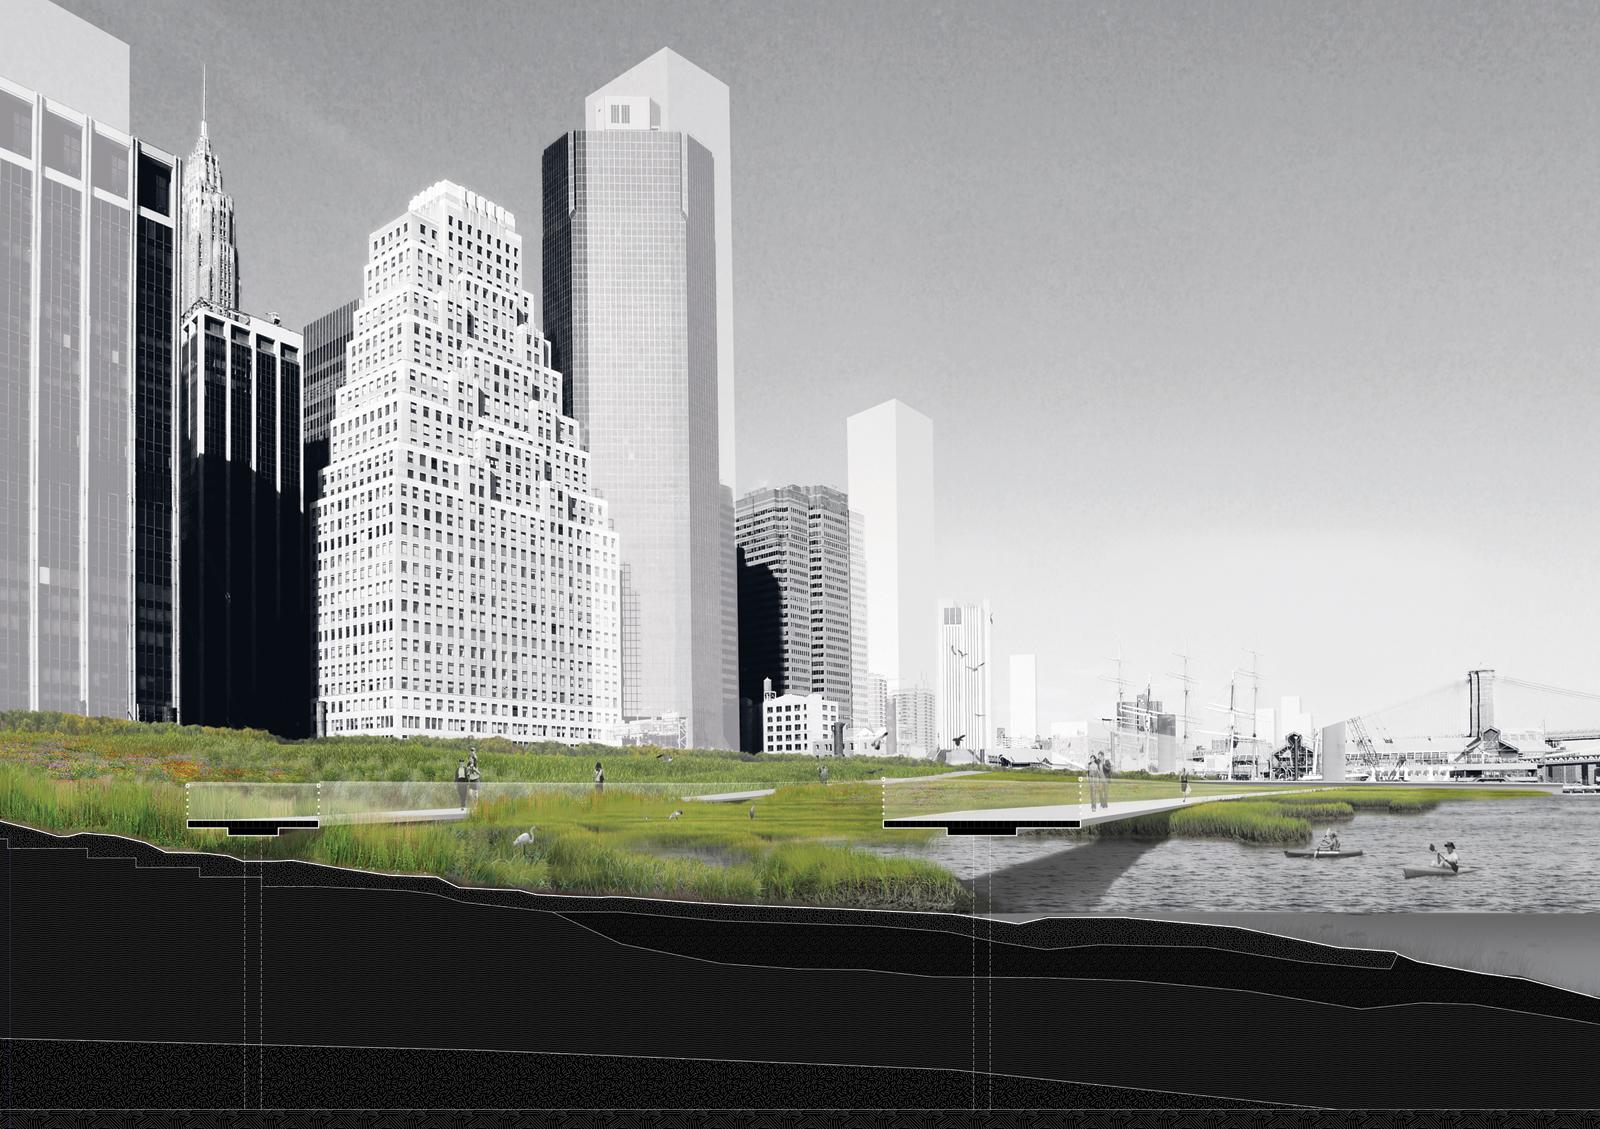 East River diagram